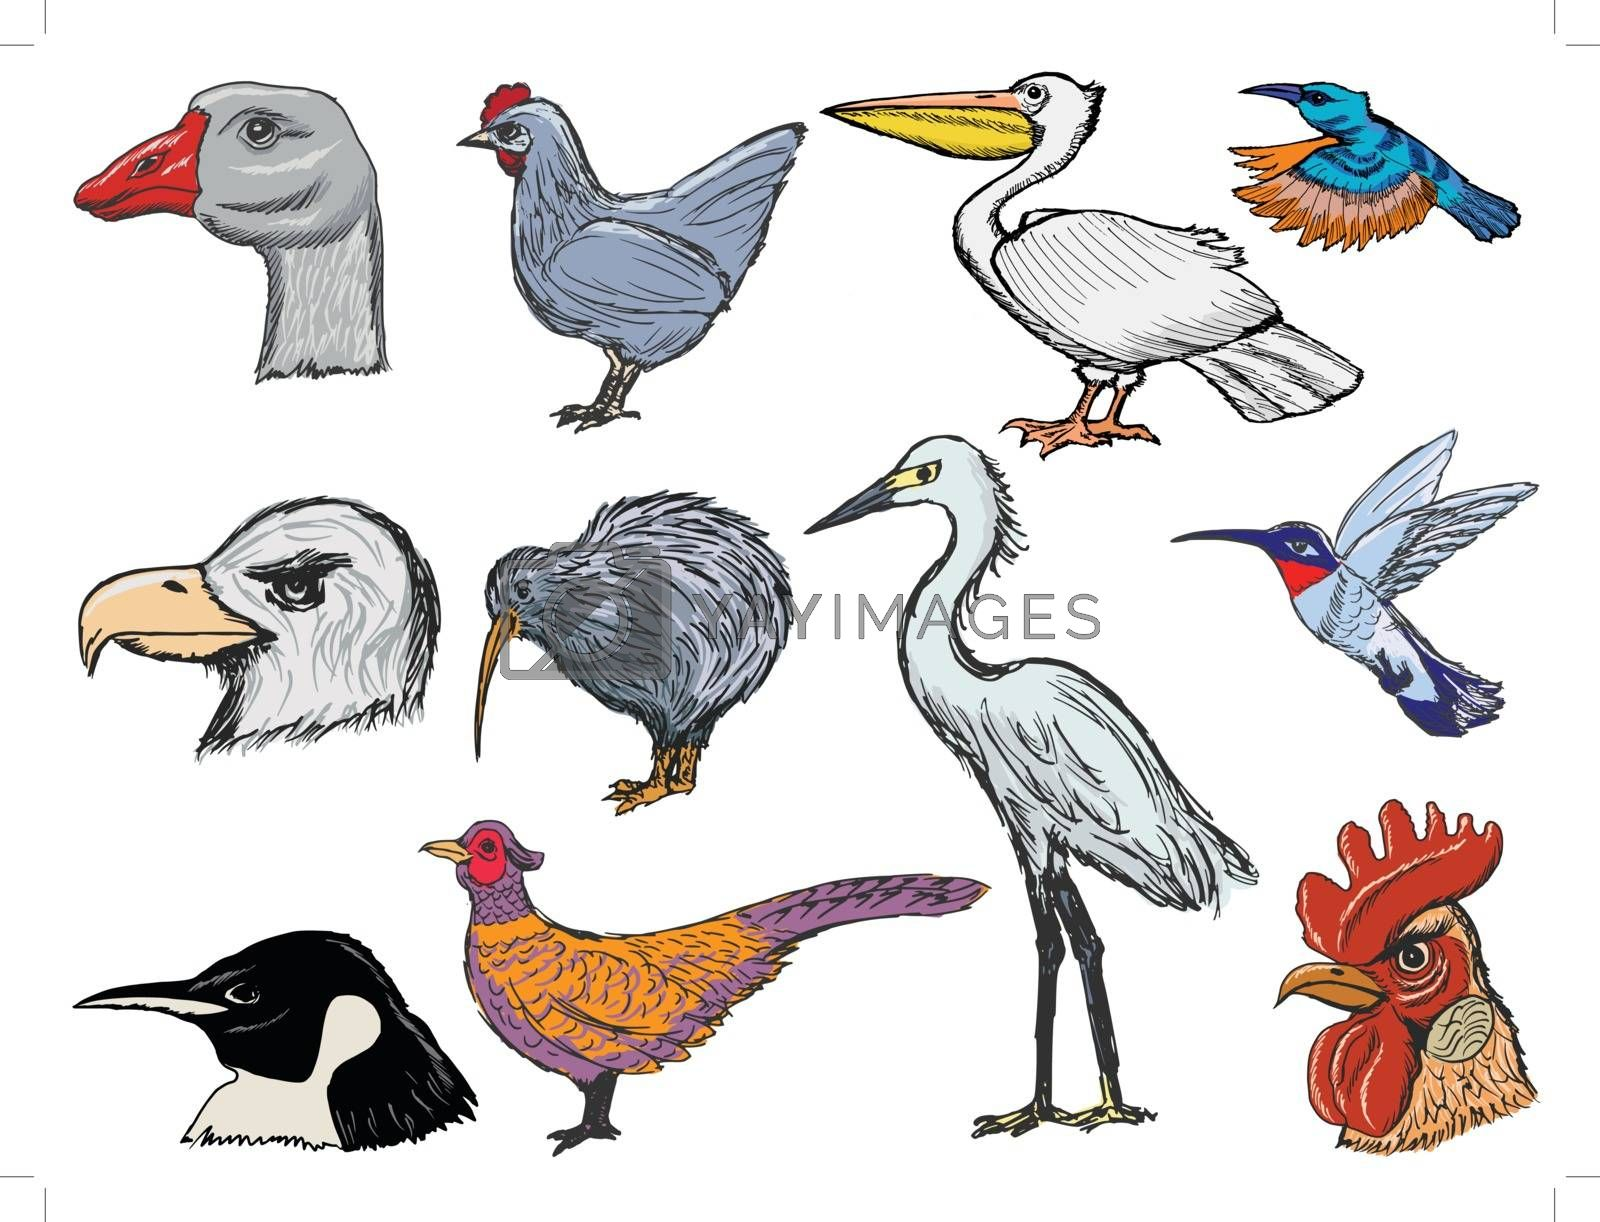 set of sketch illustration of different kinds of birds